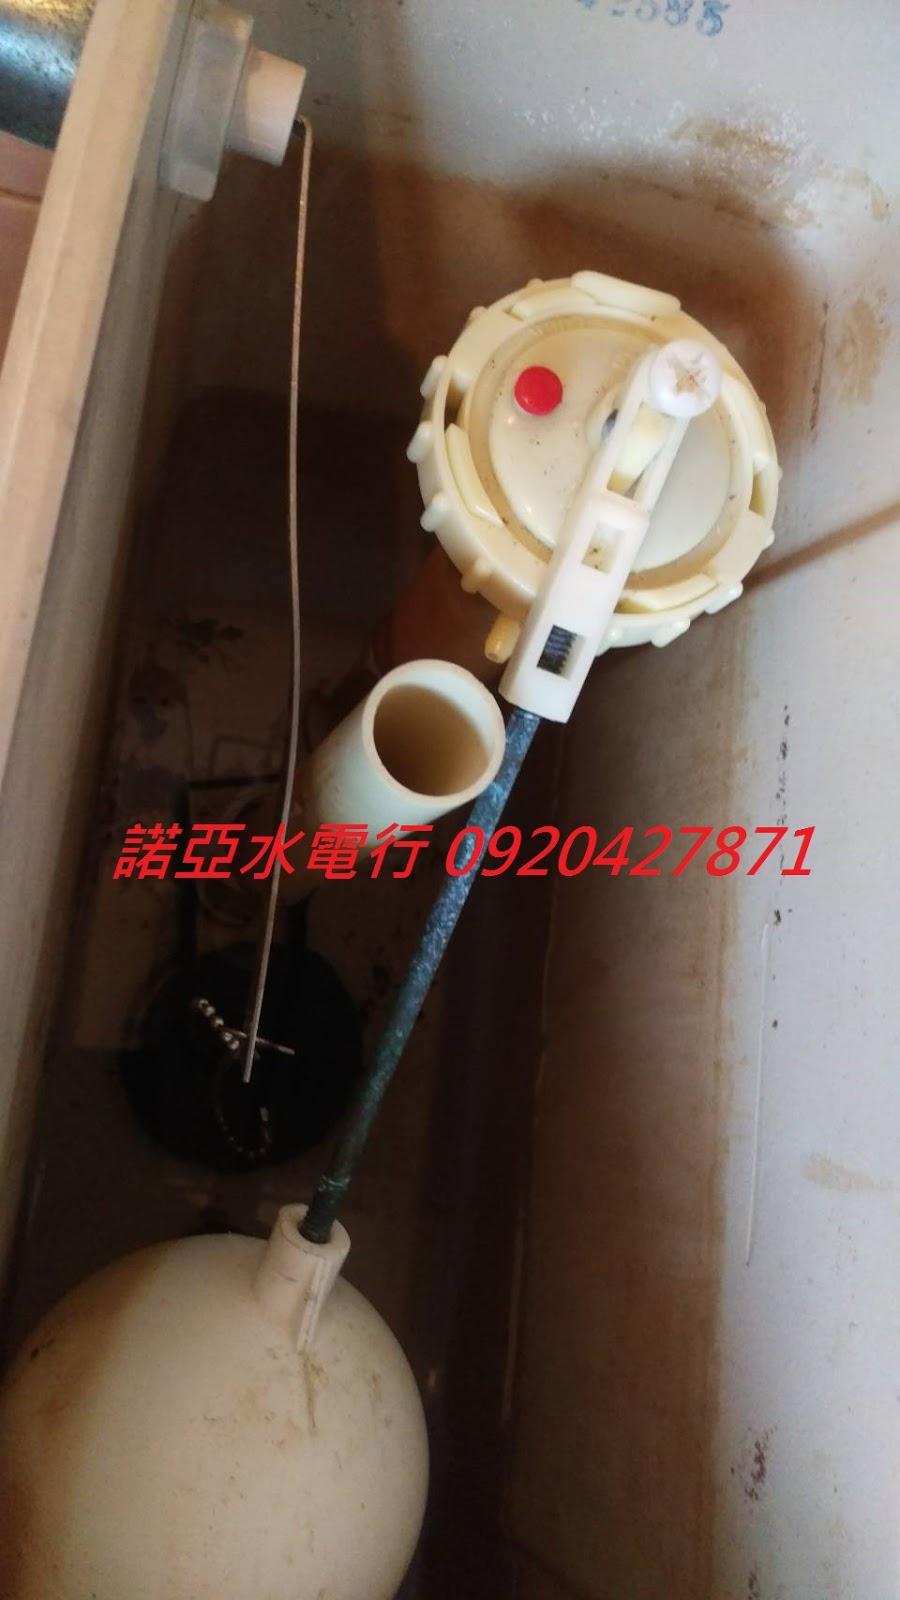 馬桶蓋 零件 把手 漏水 落水頭 馬桶 更換 臺北 文山區 木柵 景美 政大 諾亞 水電-阿豪 0920427871